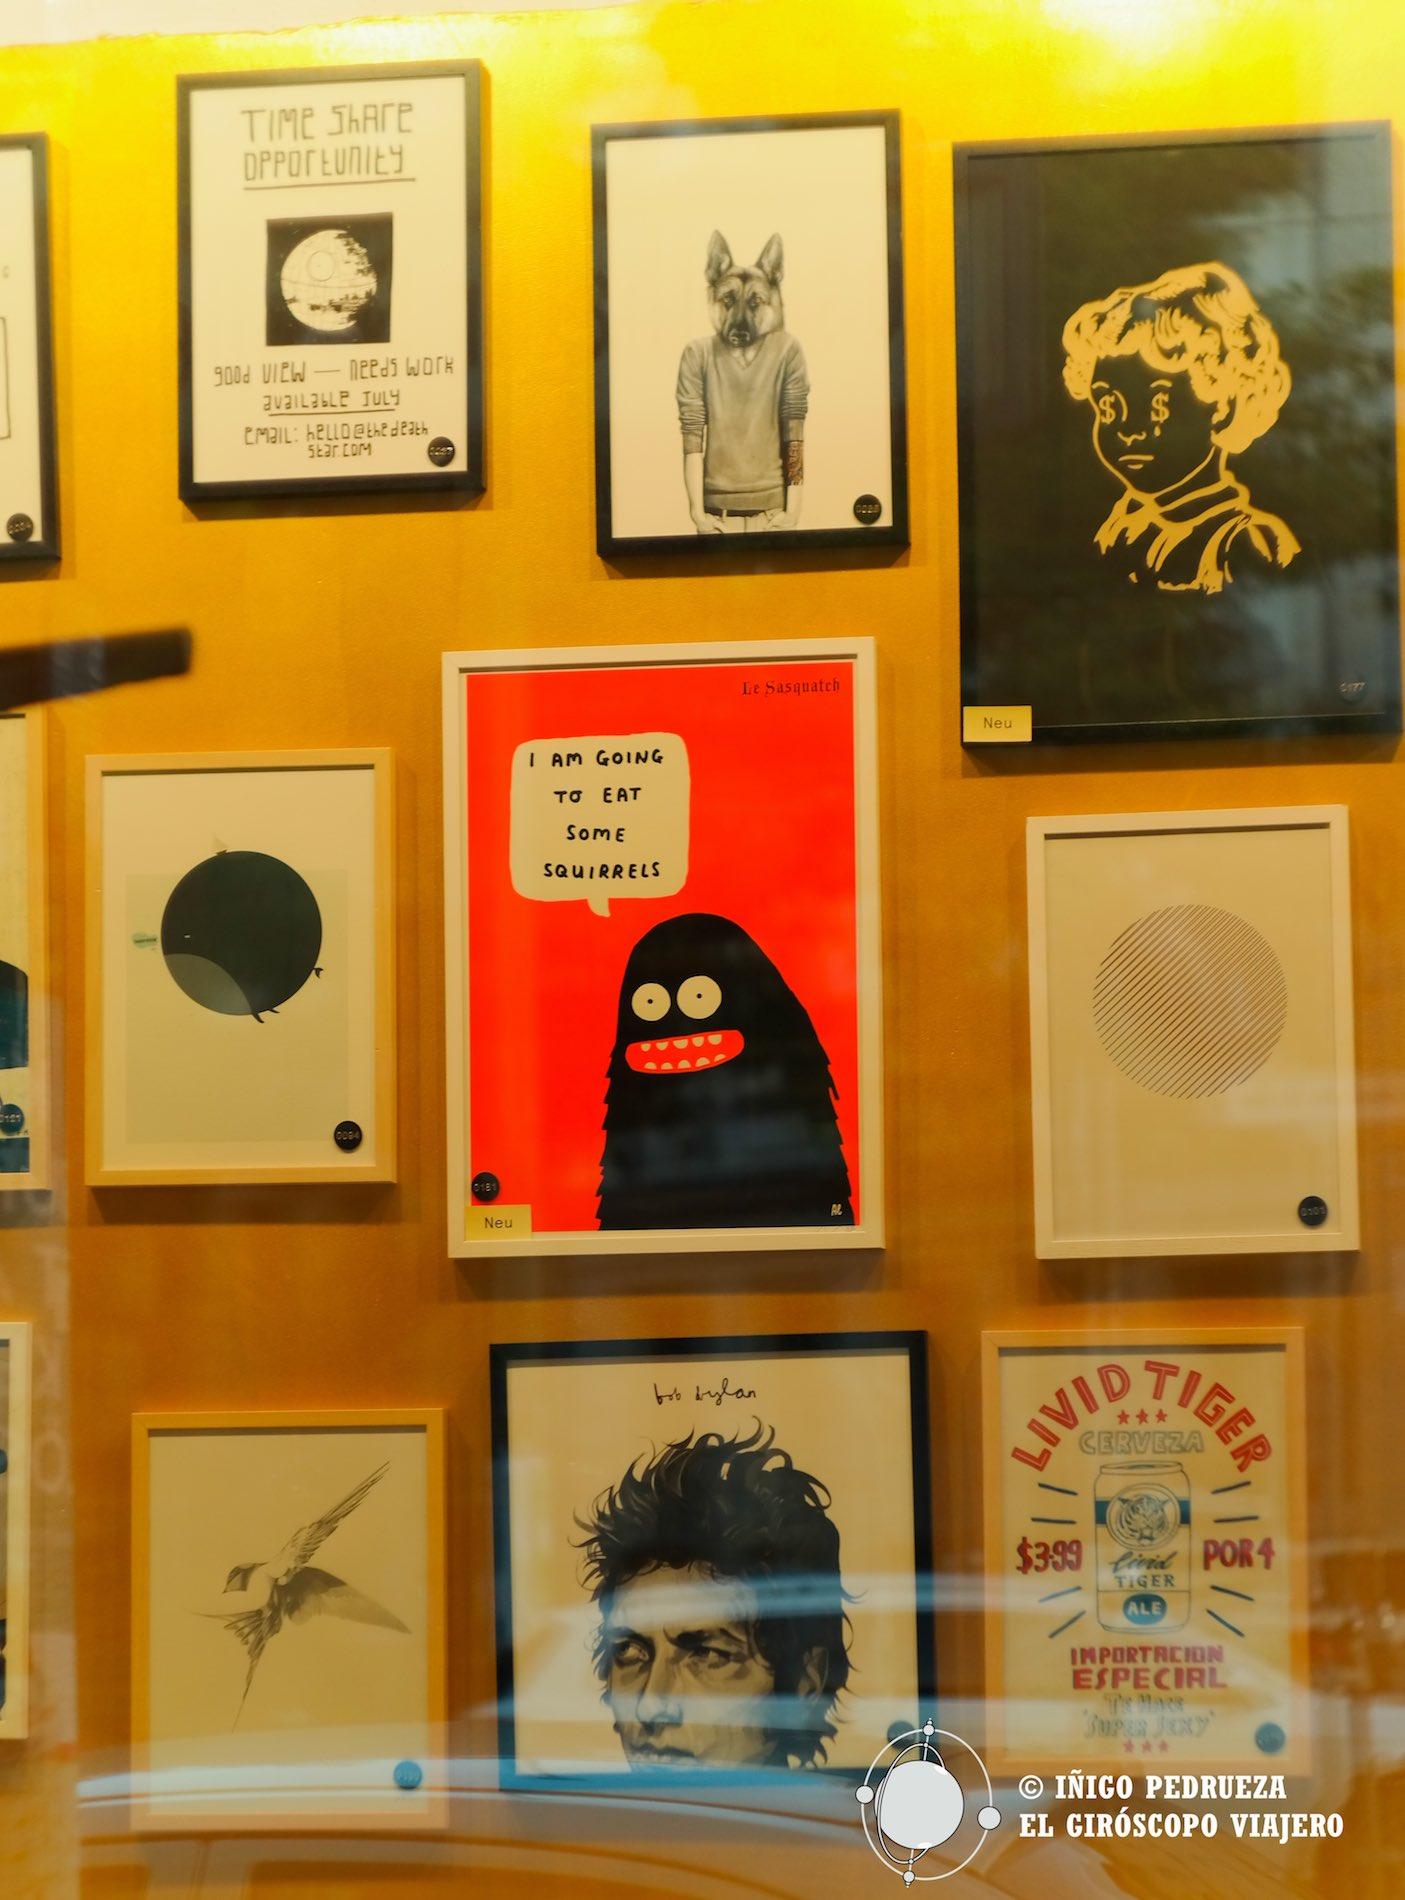 Galeria de arte en Prezlauer. ©Iñigo Pedrueza